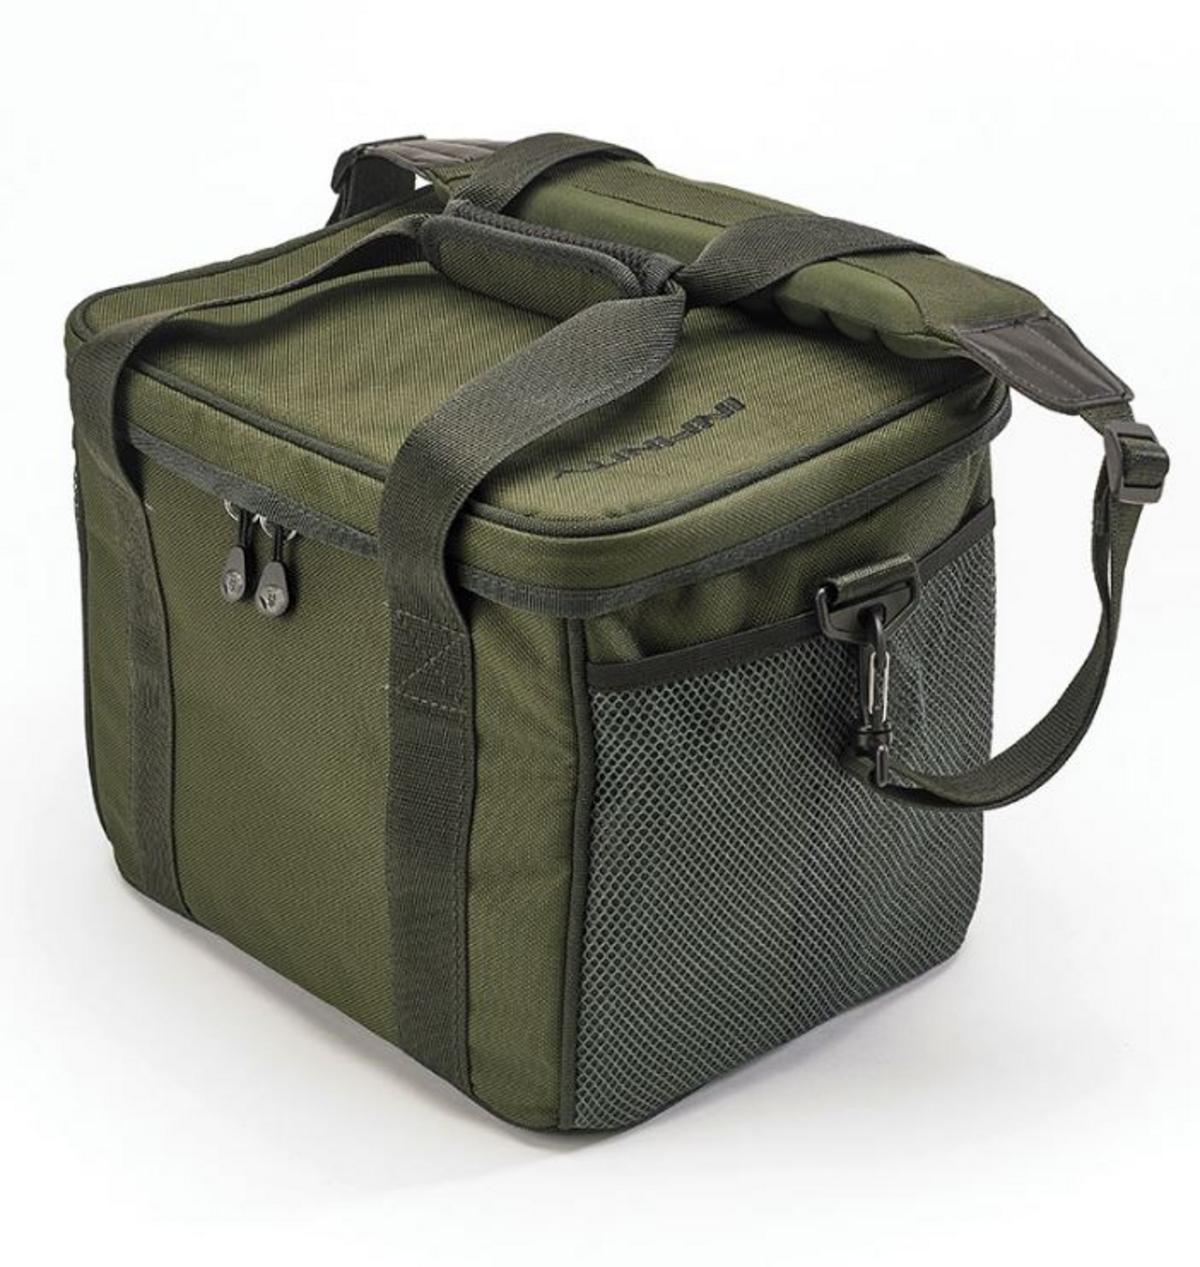 NEW DAIWA INFINITY® COOLER BAG Model No. ICB1